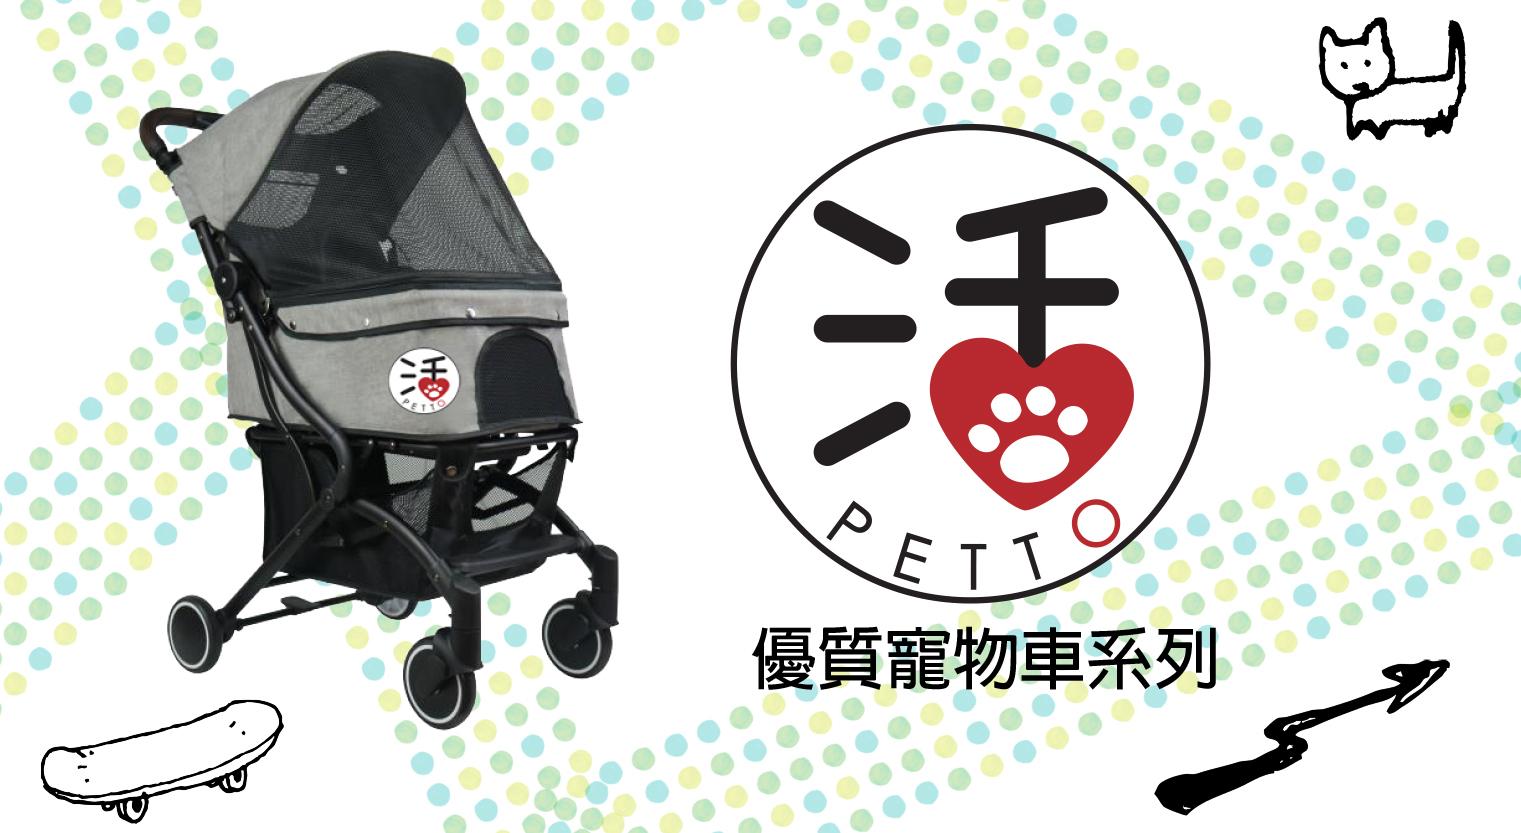 Petto Stroller